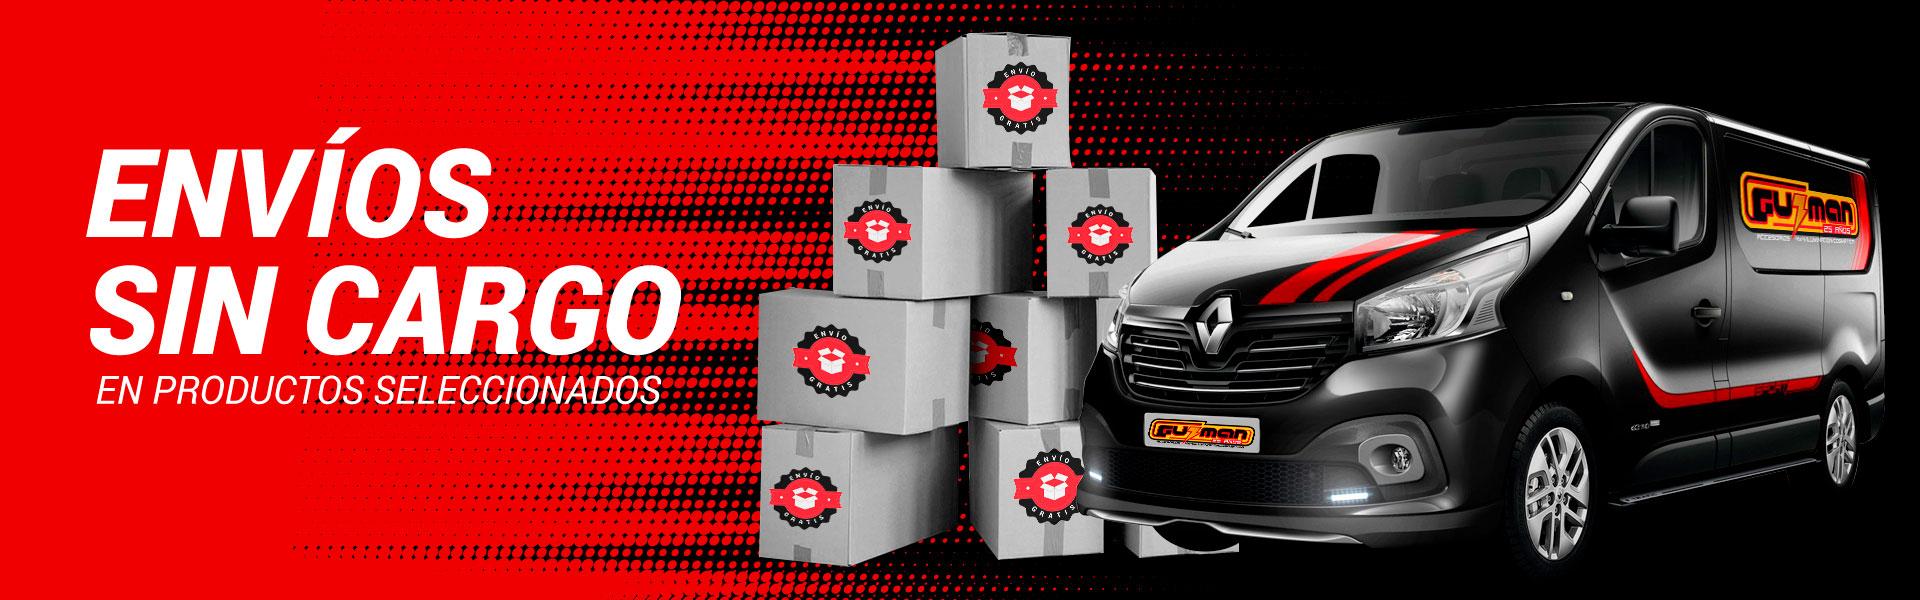 envio gratis,envio sin cargo, Accesorios 4x4, accesorios camioneta, accesorios automóviles, accesorios autos, equipamiento 4x4